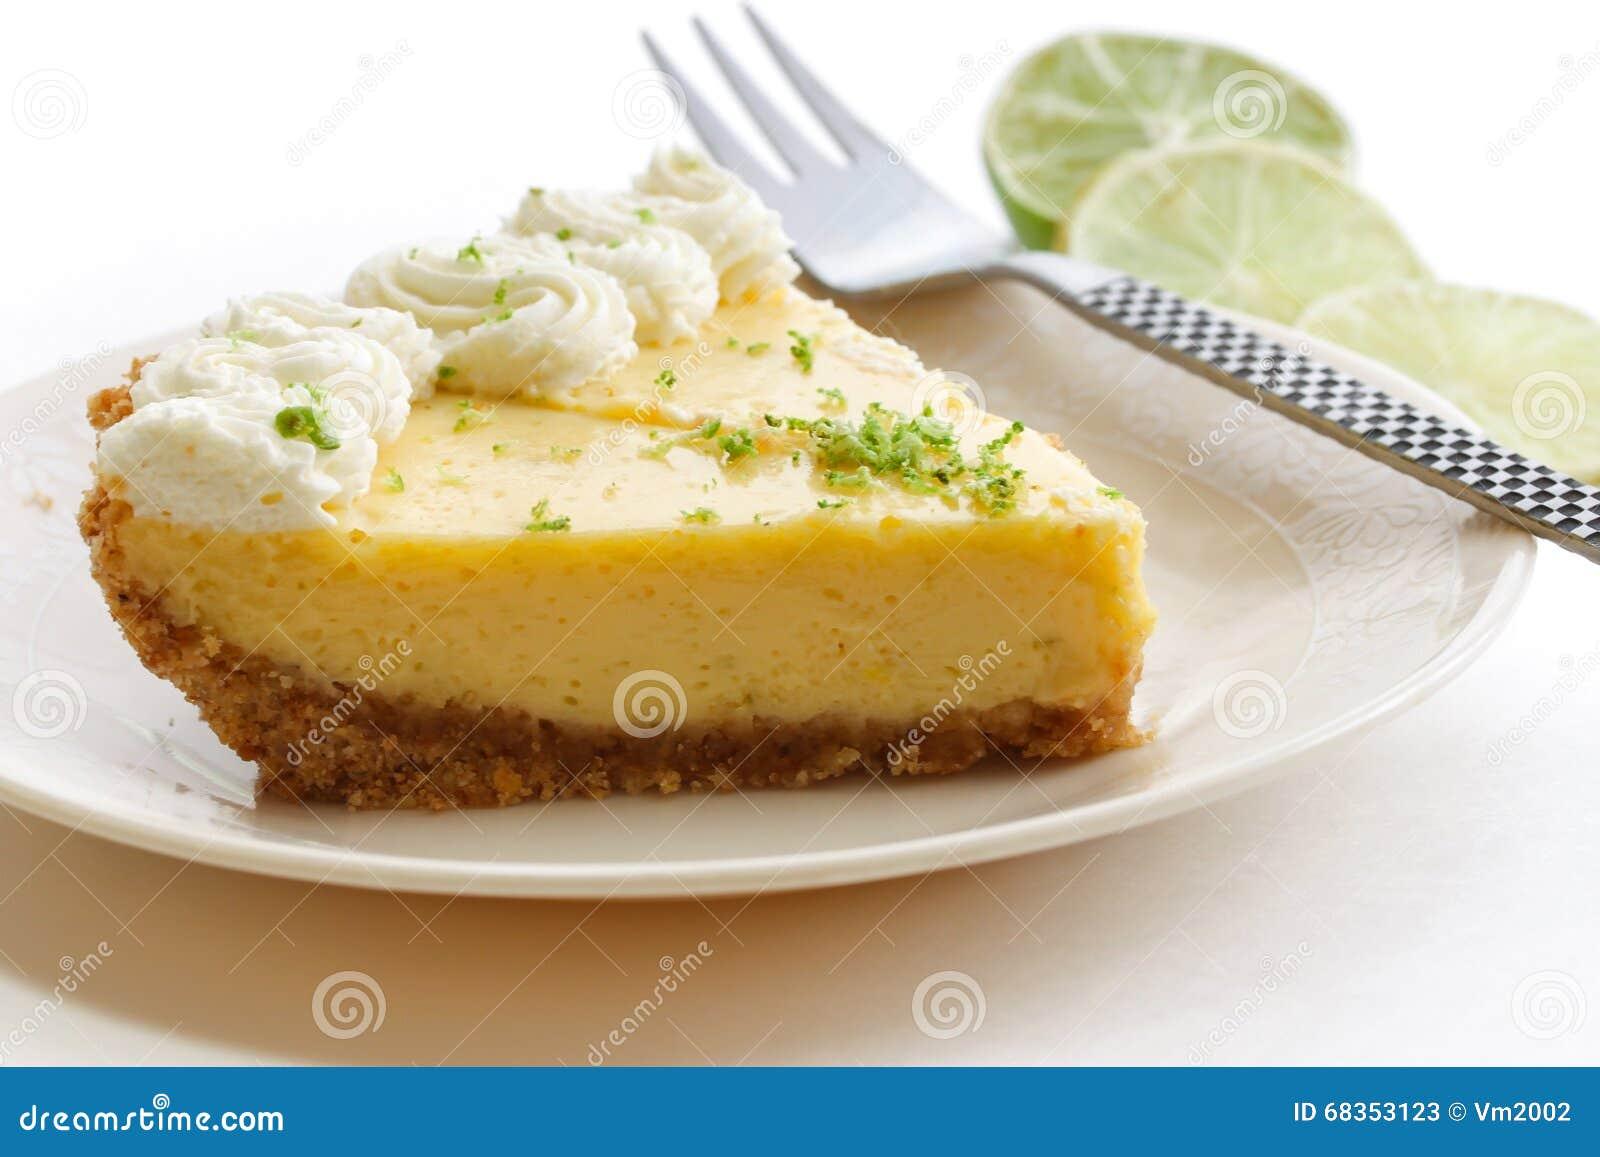 Fatia de uma torta do cal chave